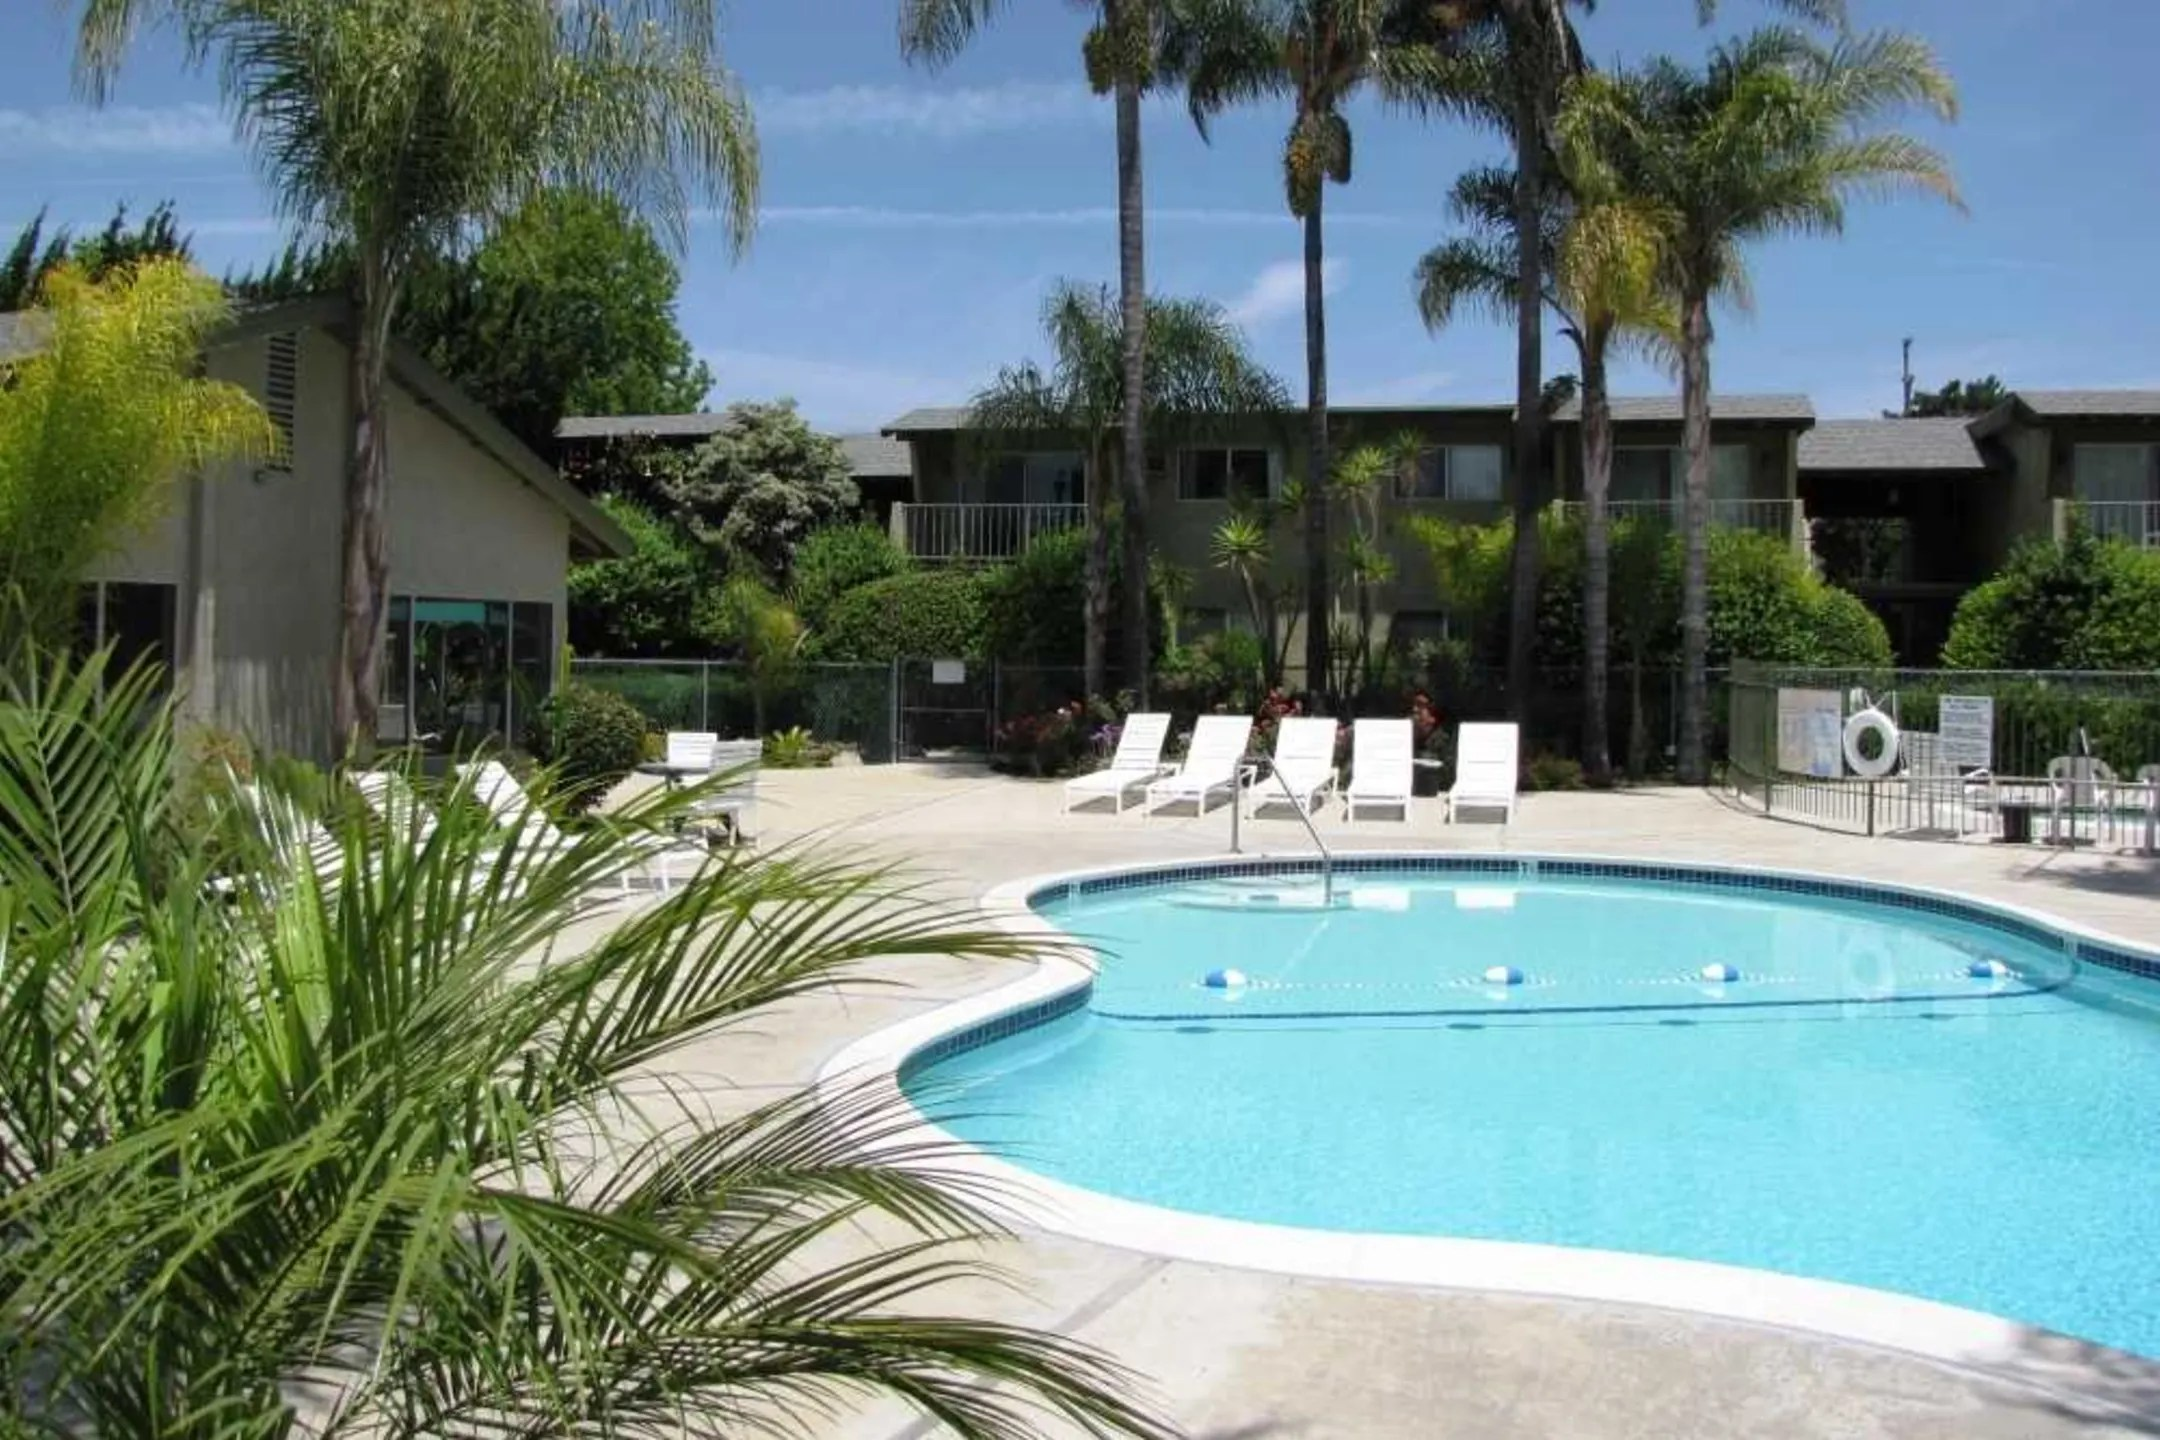 Park Vista Apartments Chula Vista Ca